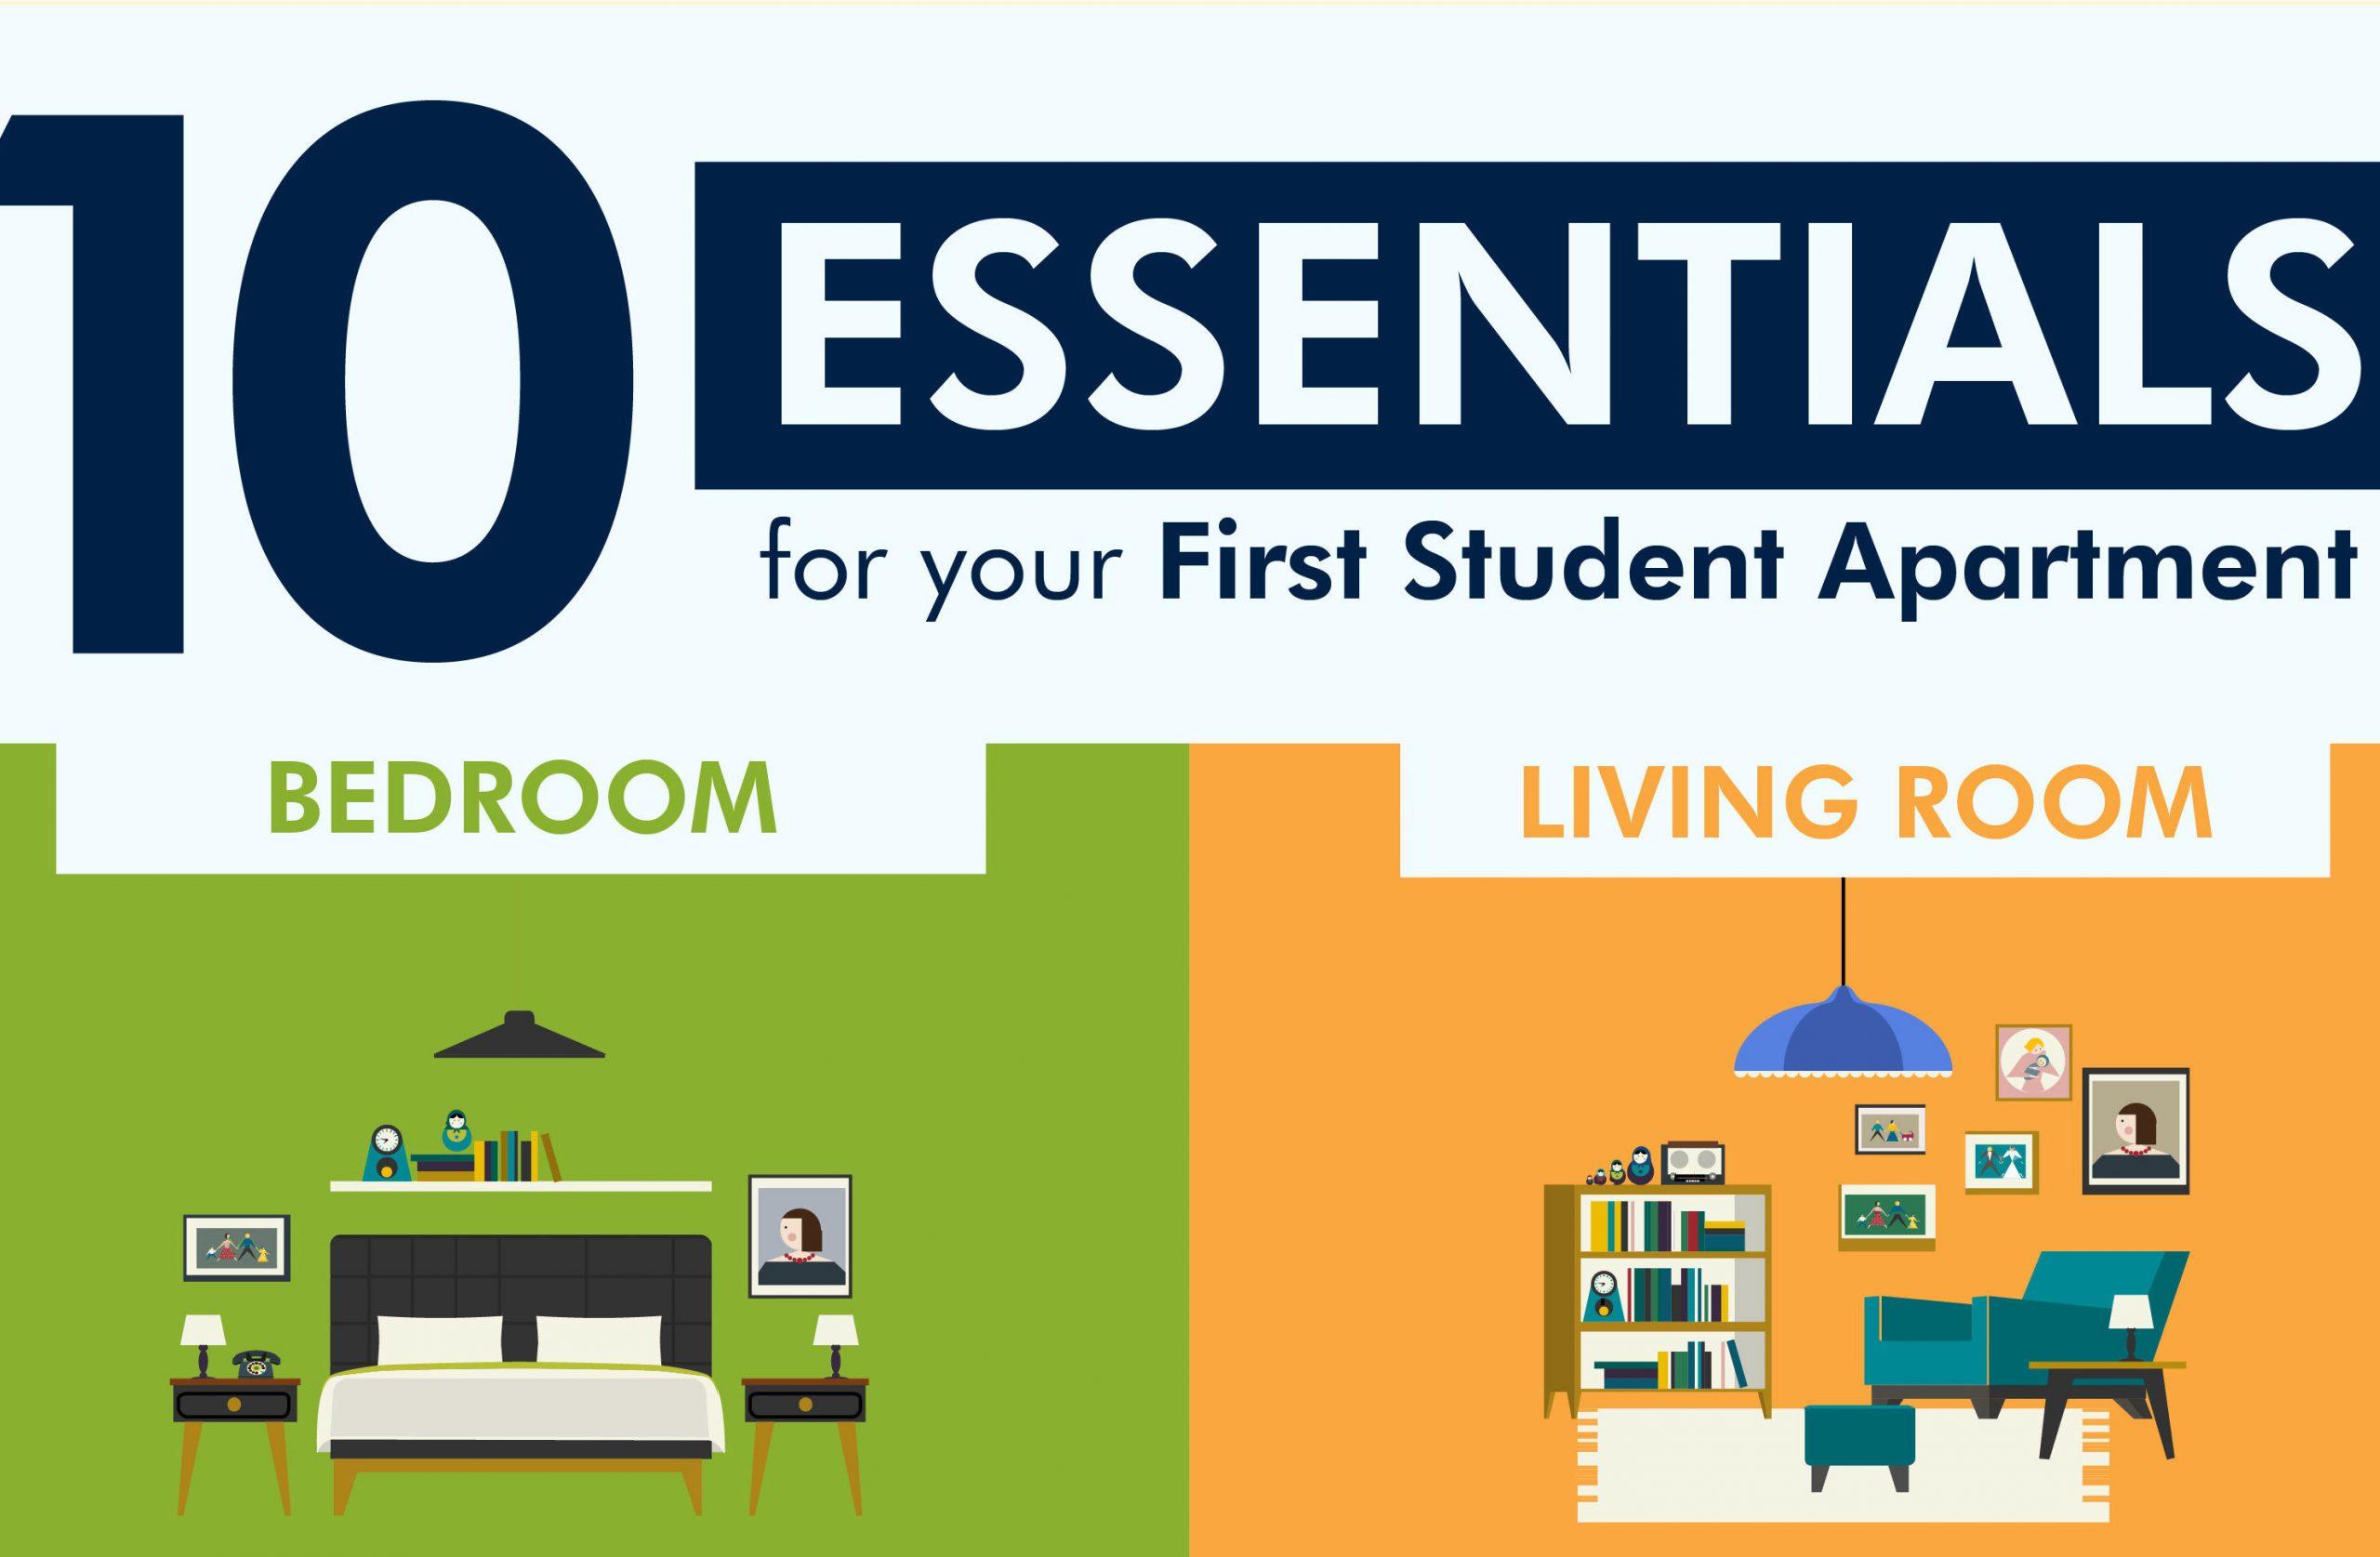 10 Essentials for Student Apt